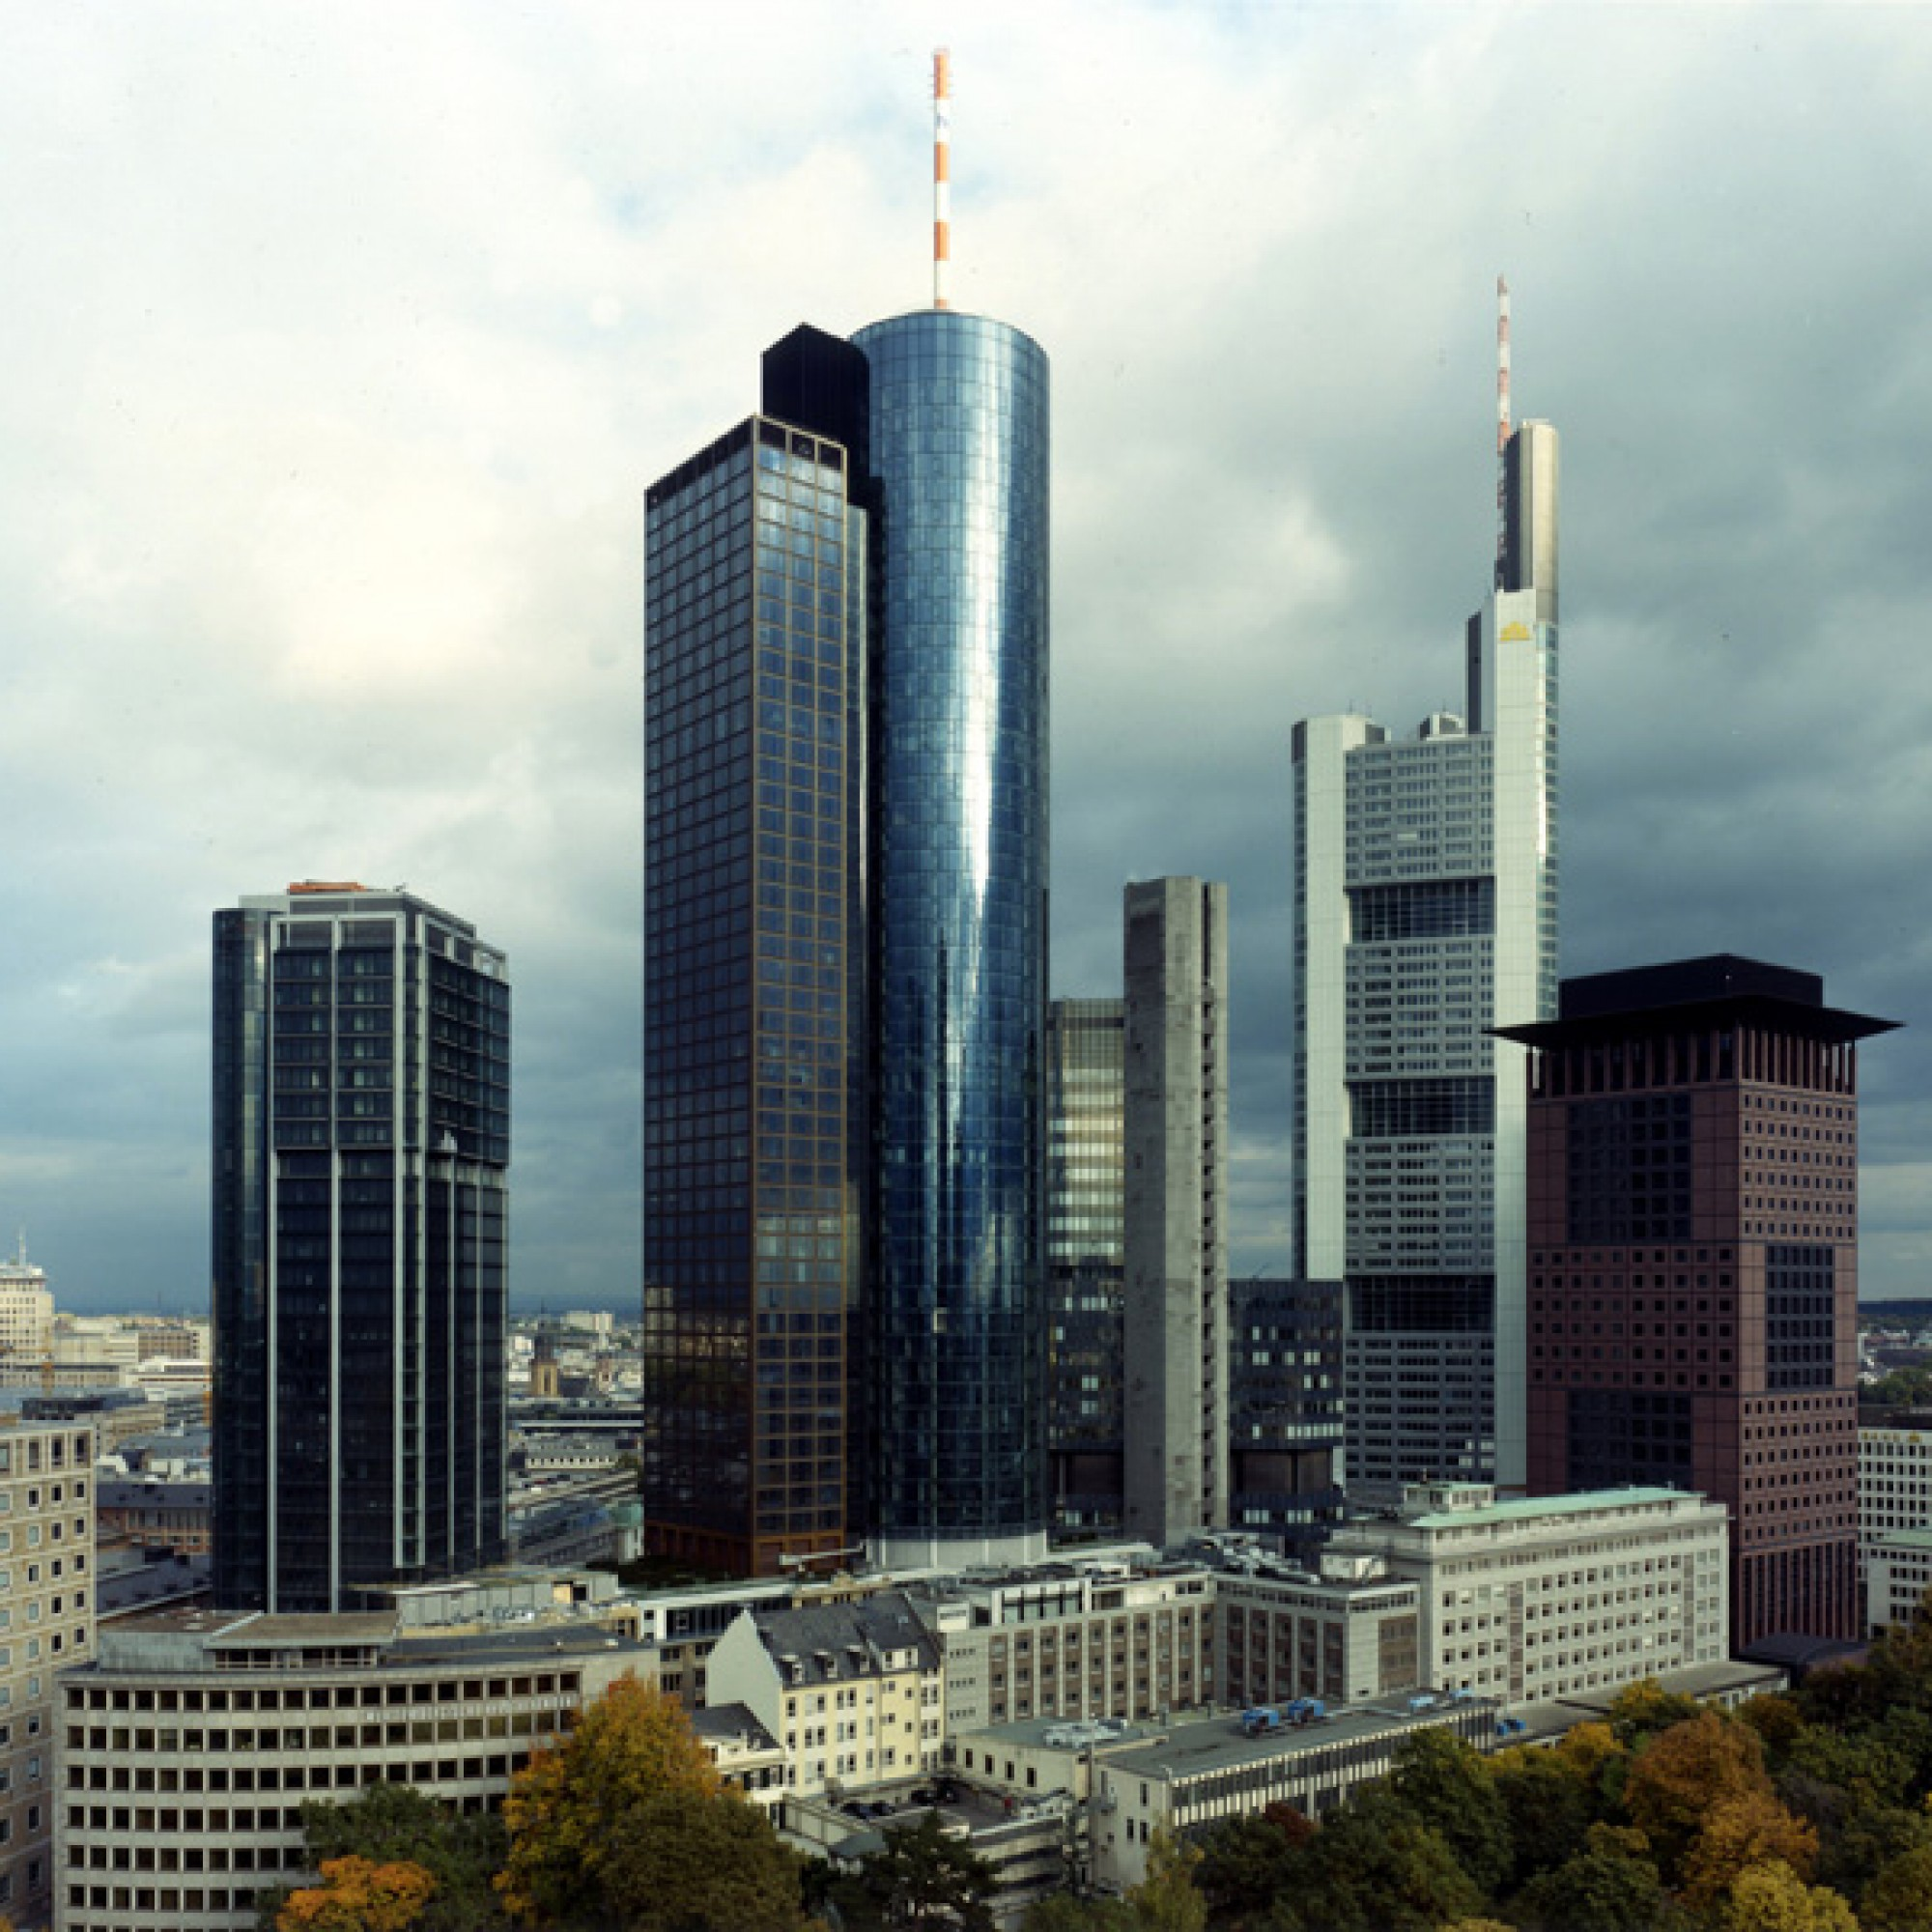 Bankenviertel: Landesbank Hessen-Thüringen (Frank-Heinrich Müller, 2001)